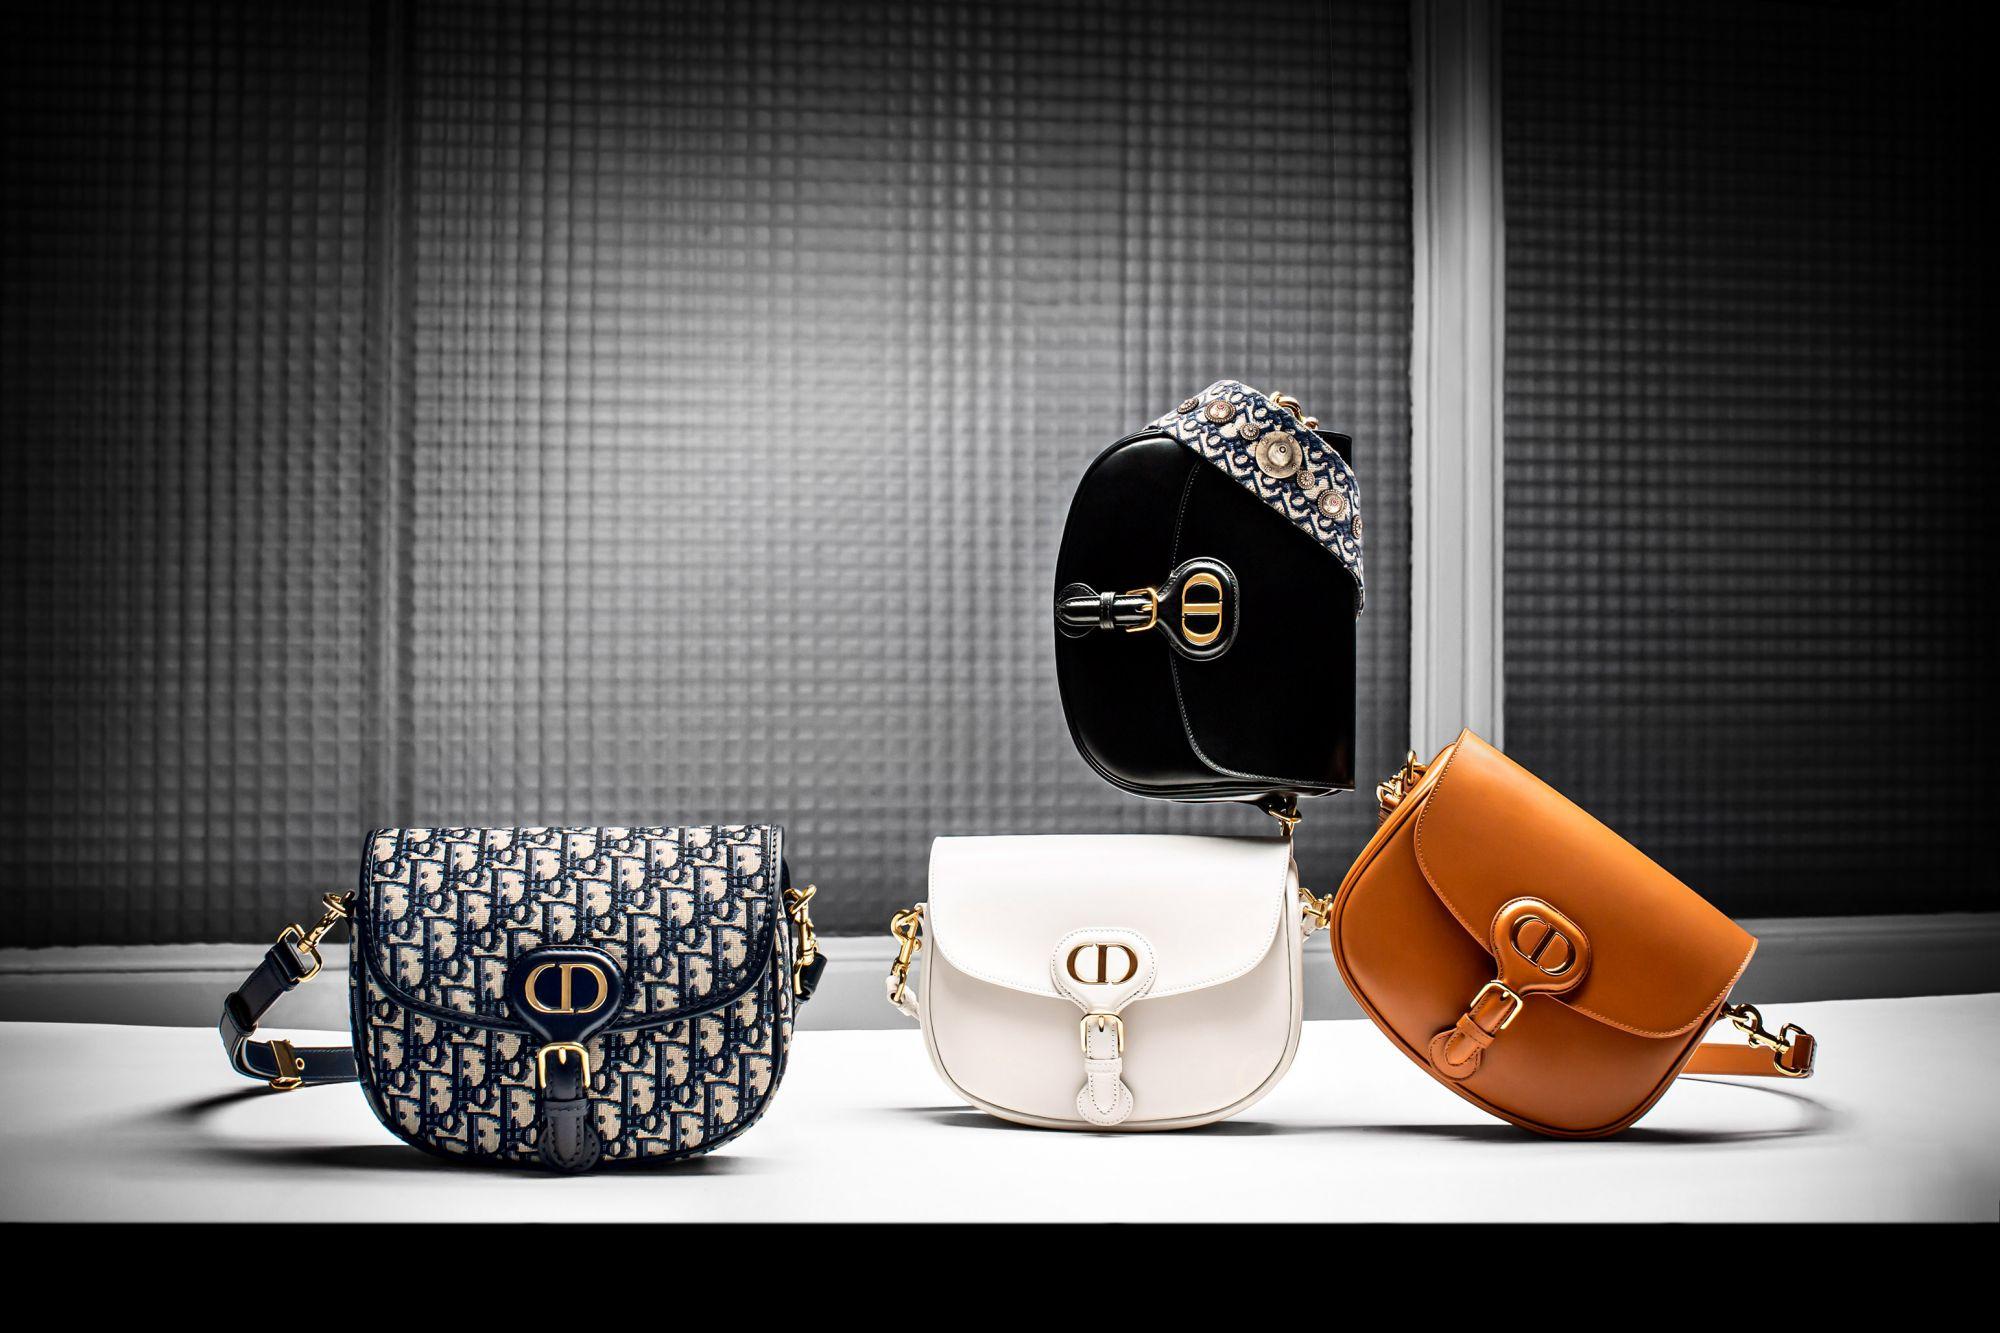 2020一定要入手的IT BAG大公開!全球時尚意見領袖魅力演繹Dior Bobby 肩背包:孫芸芸、賈靜雯、JISOO搶著背!